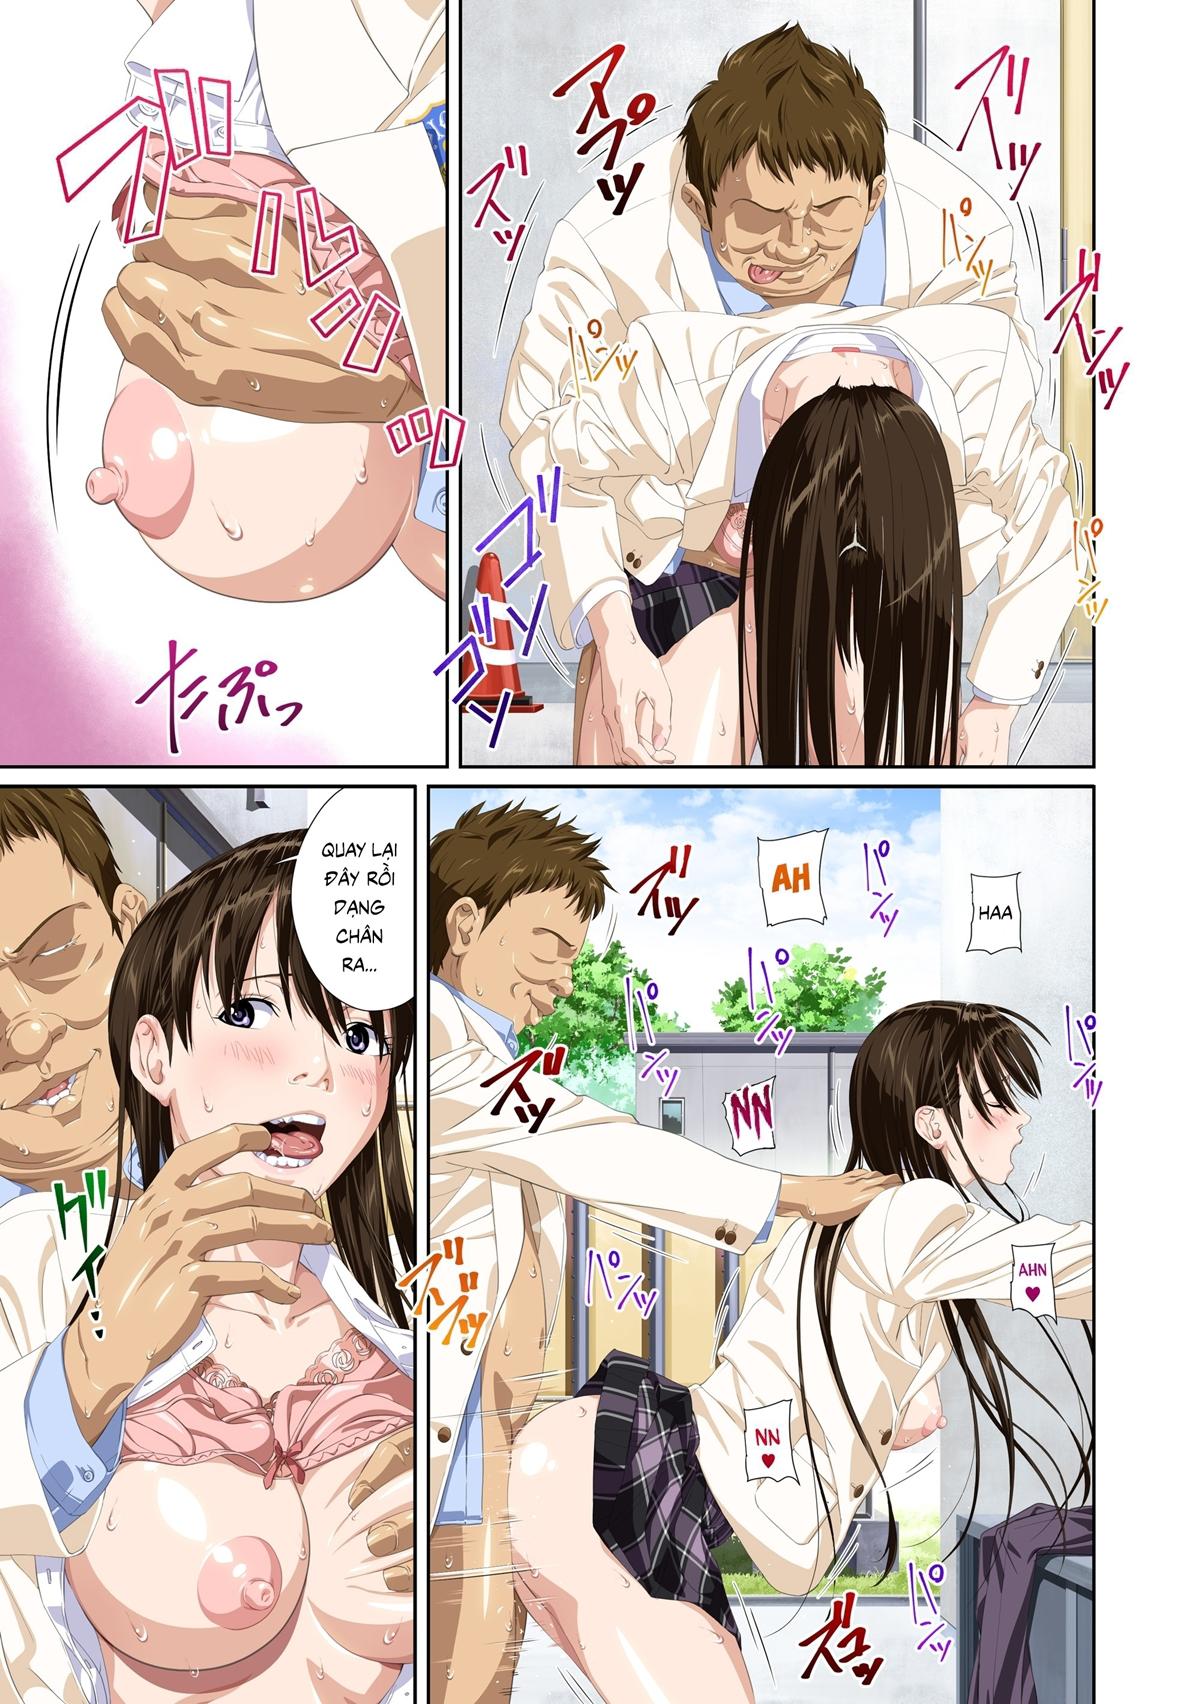 Truyện tranh sex địt em mỹ nhân trường học - Chap 9 - Truyện Hentai